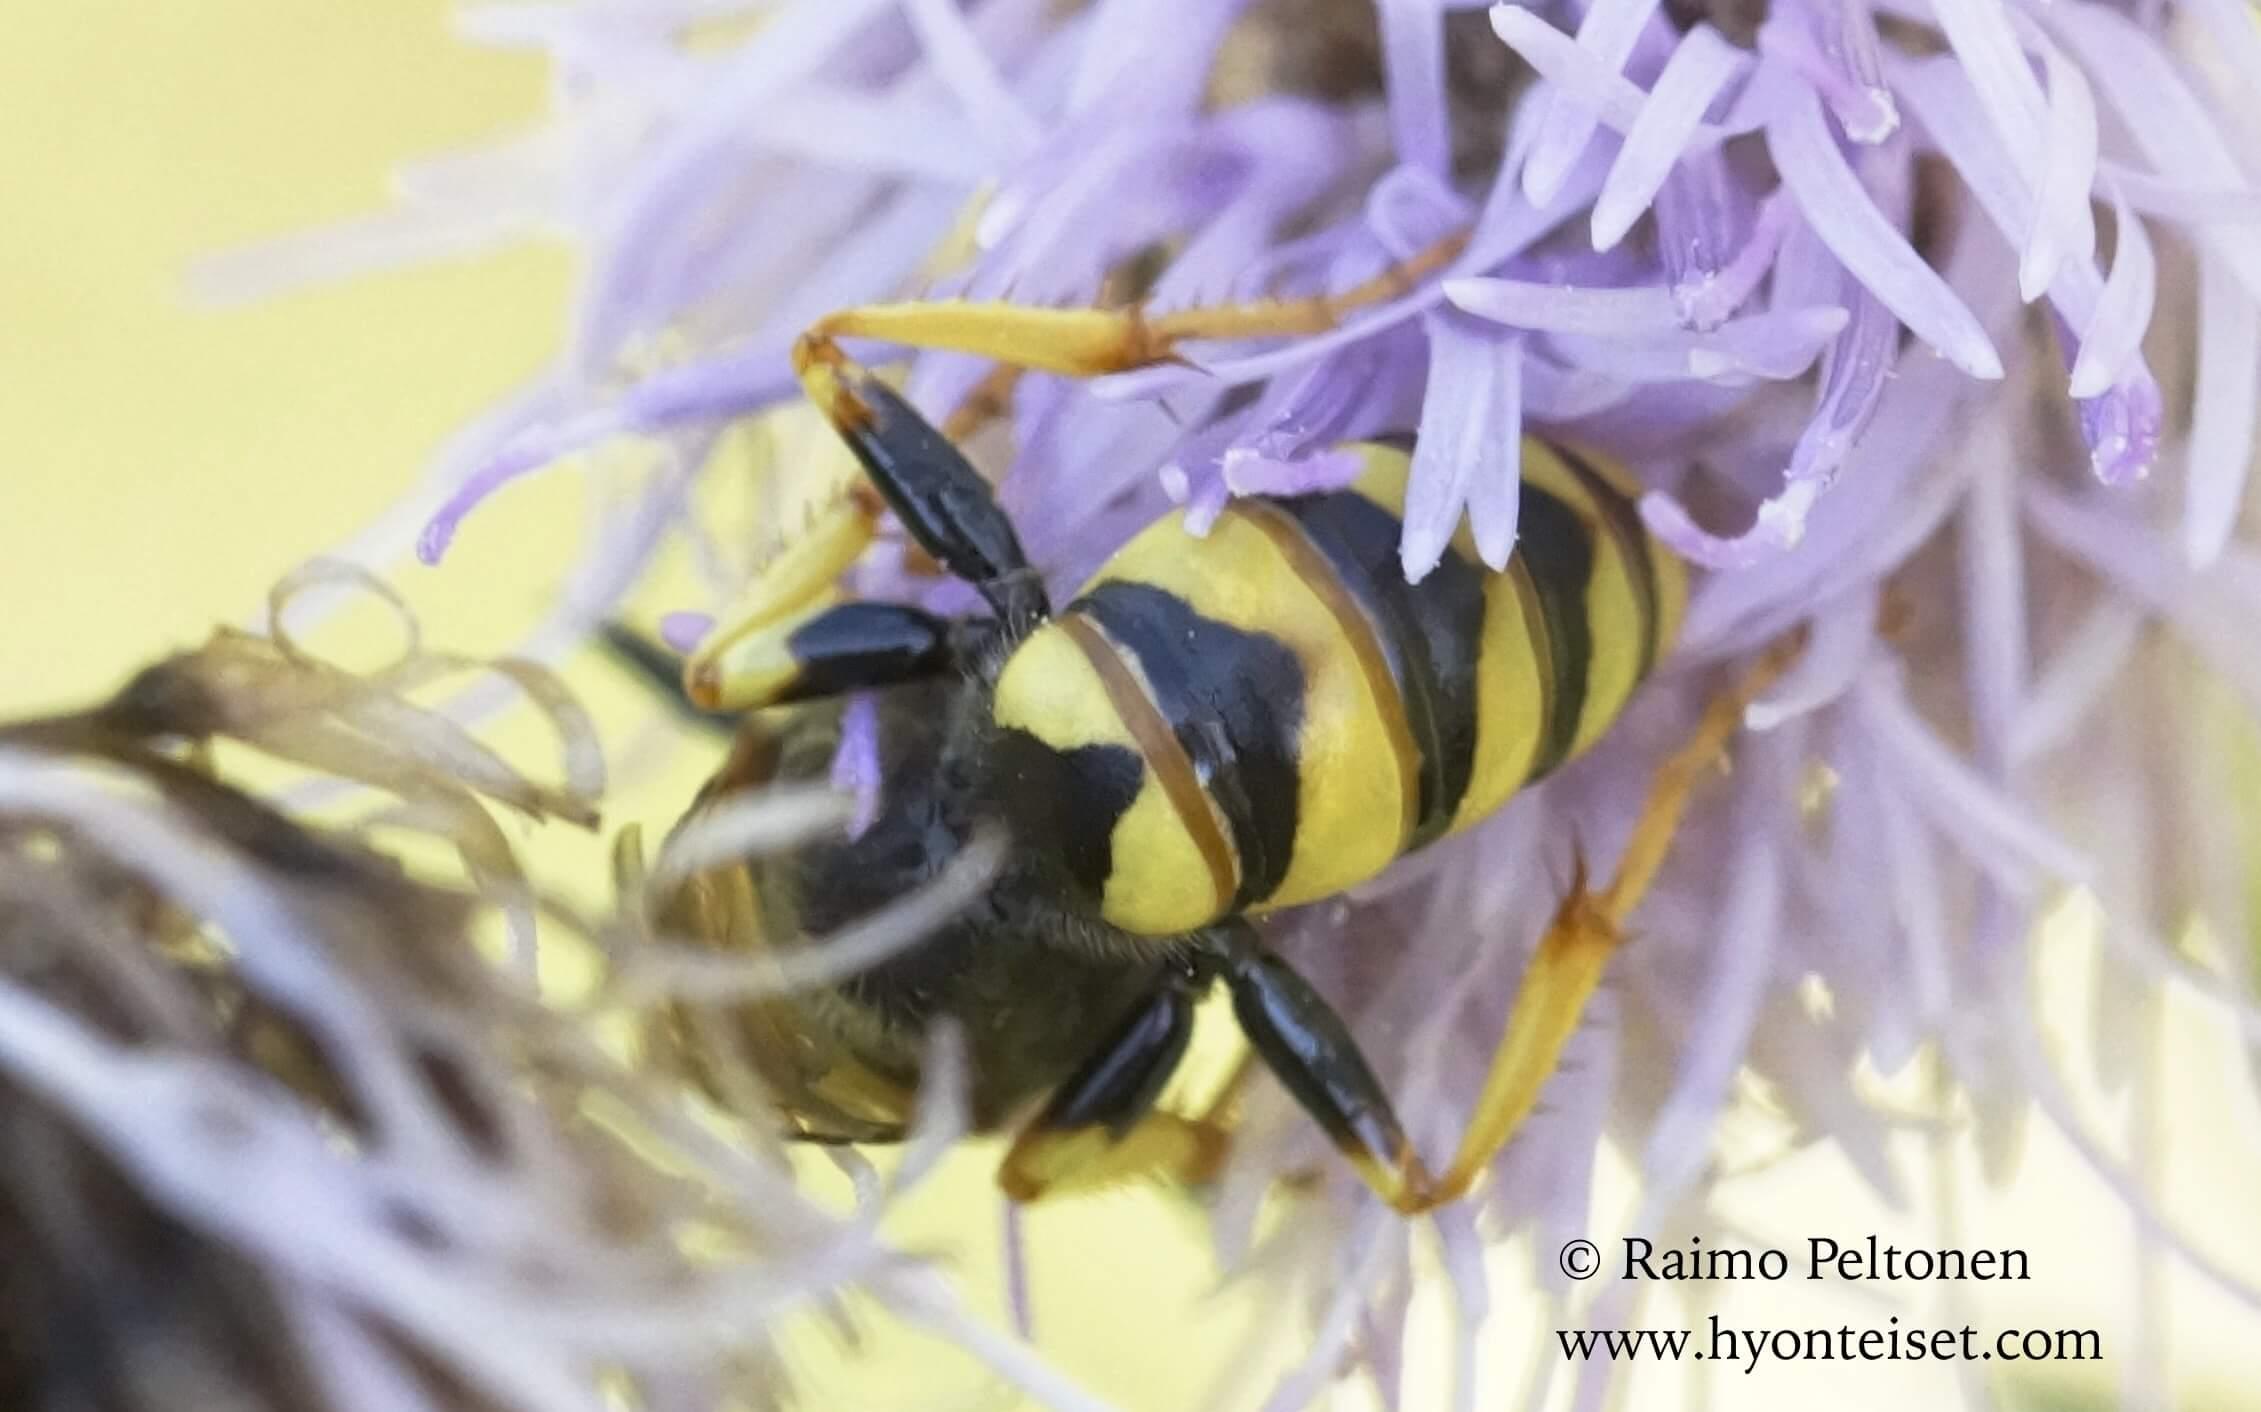 Philanthus triangulum-mehiläishukka, naaras (det. Juho Paukkunen)